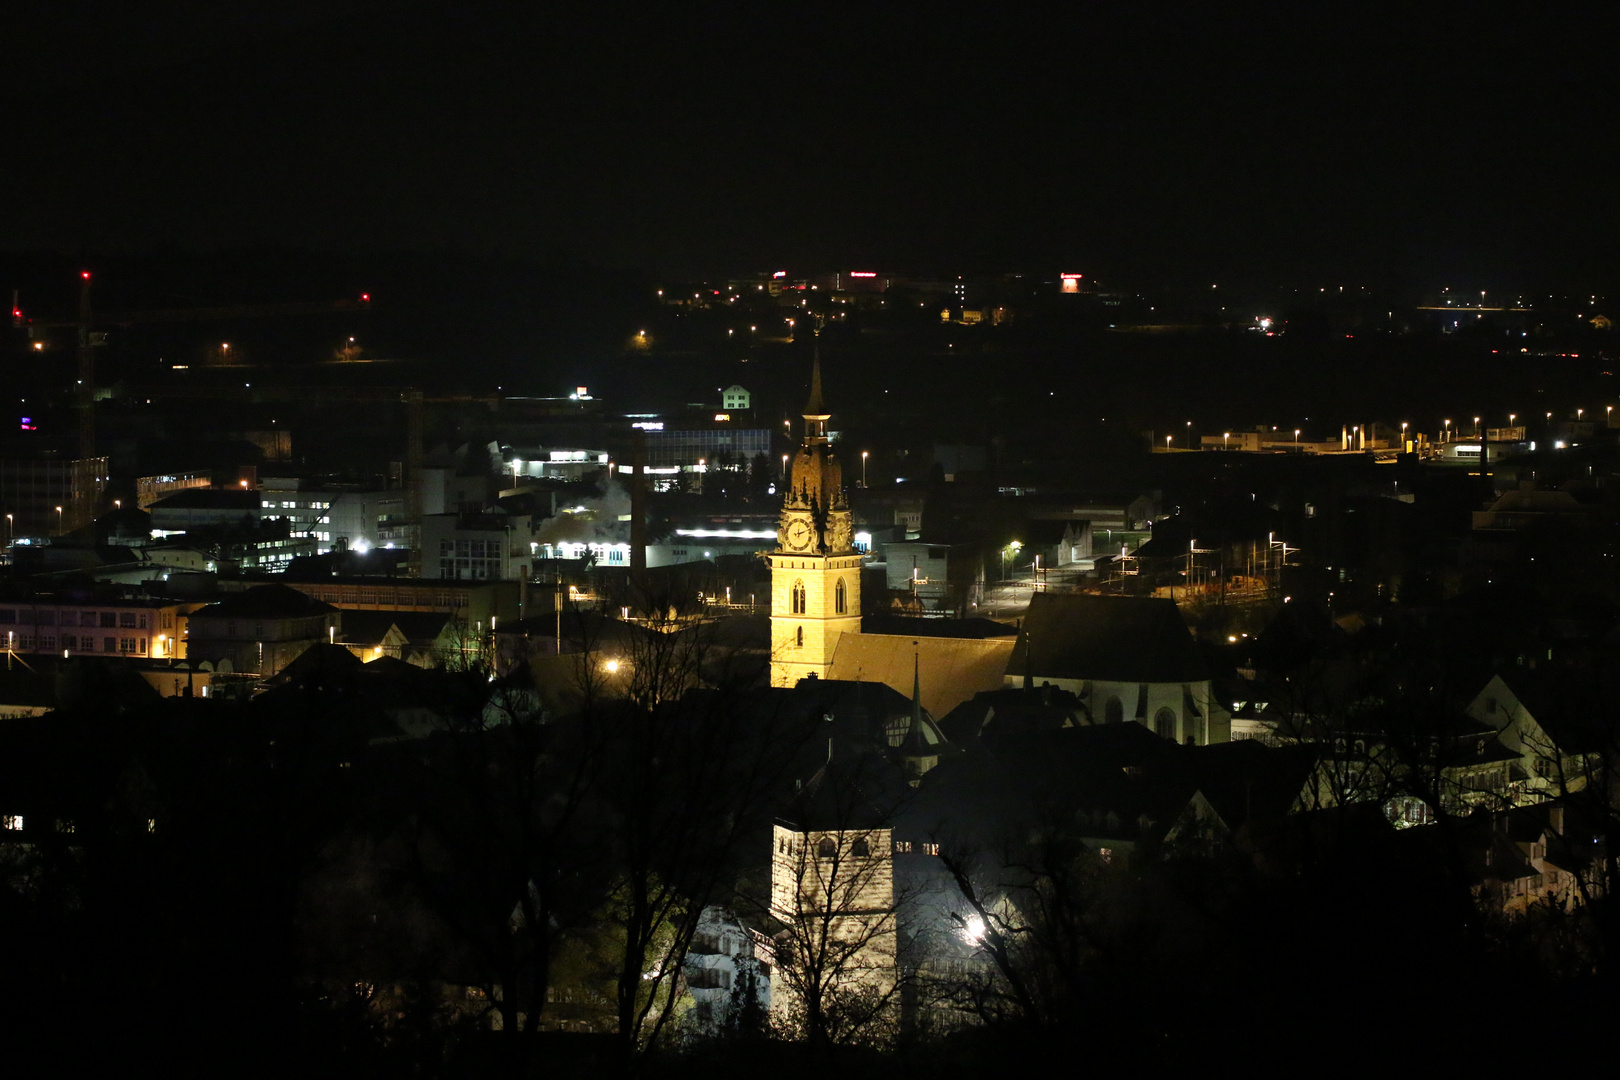 Kirche bei Nacht 2